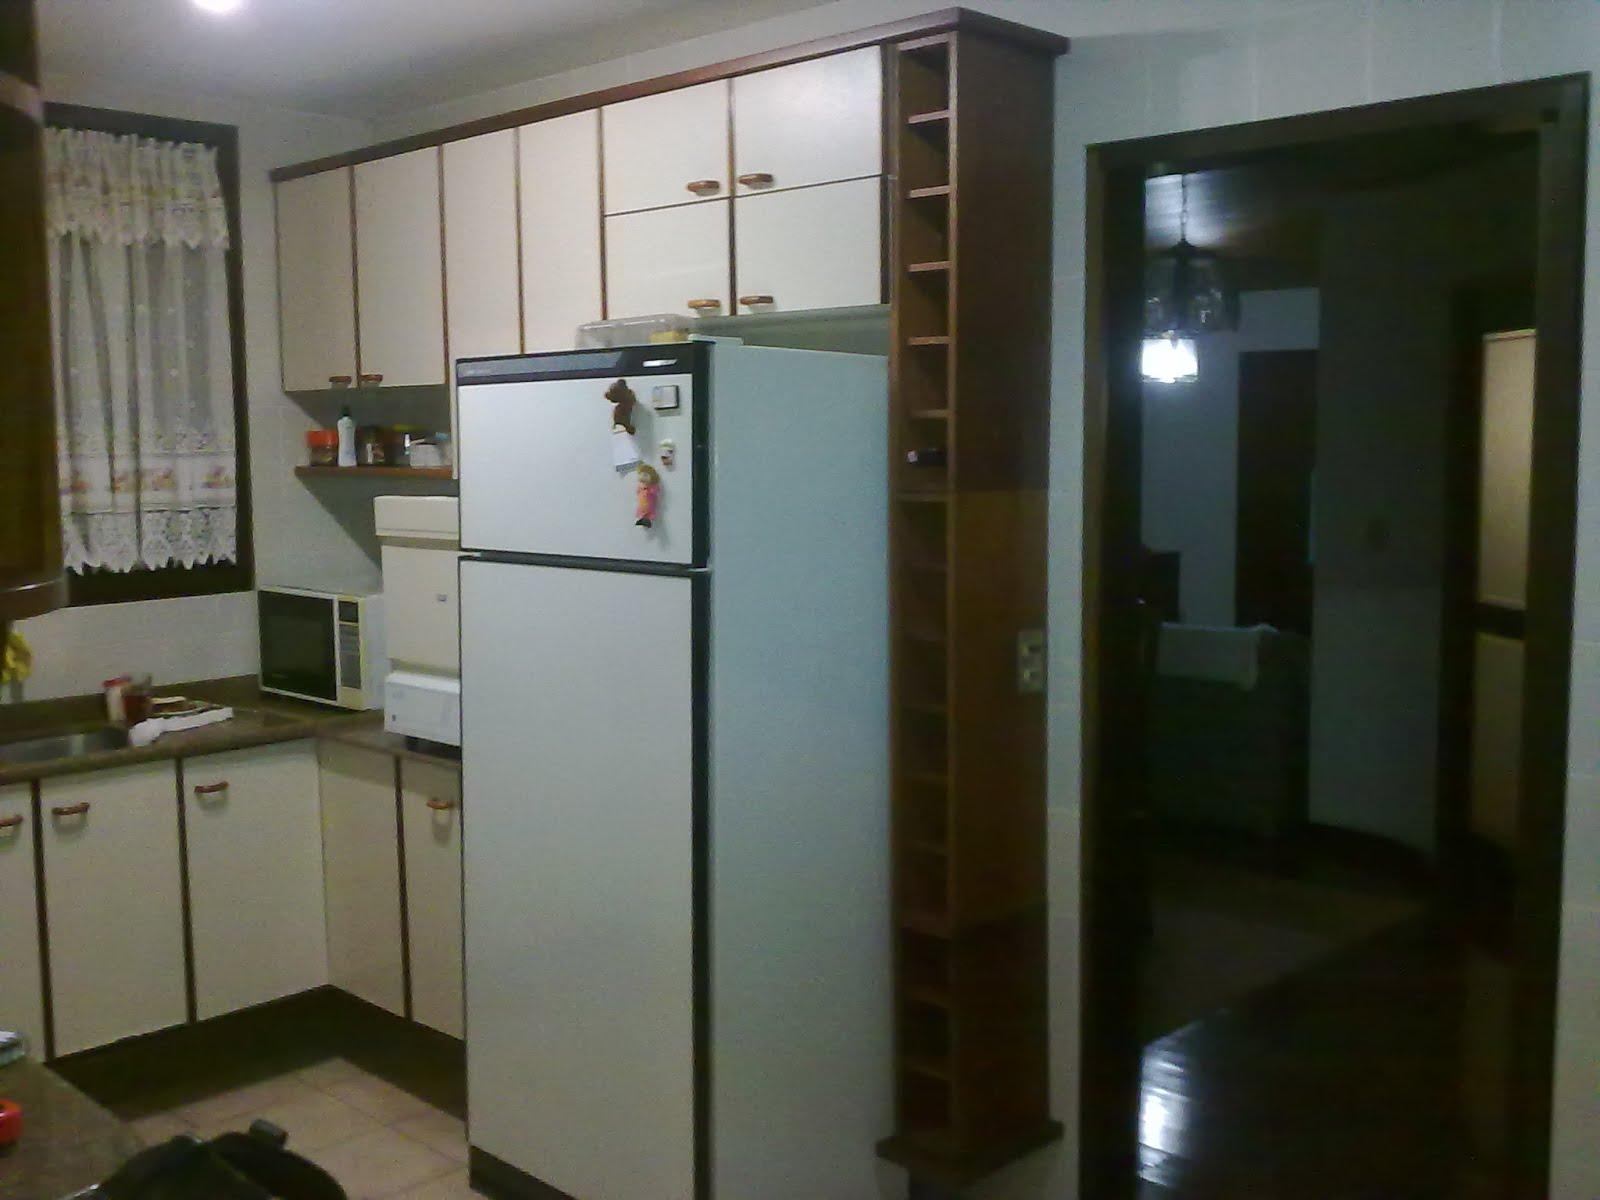 Sperling Coelho Arquitetura: Interiores Reforma de Cozinha #5E4D3B 1600 1200